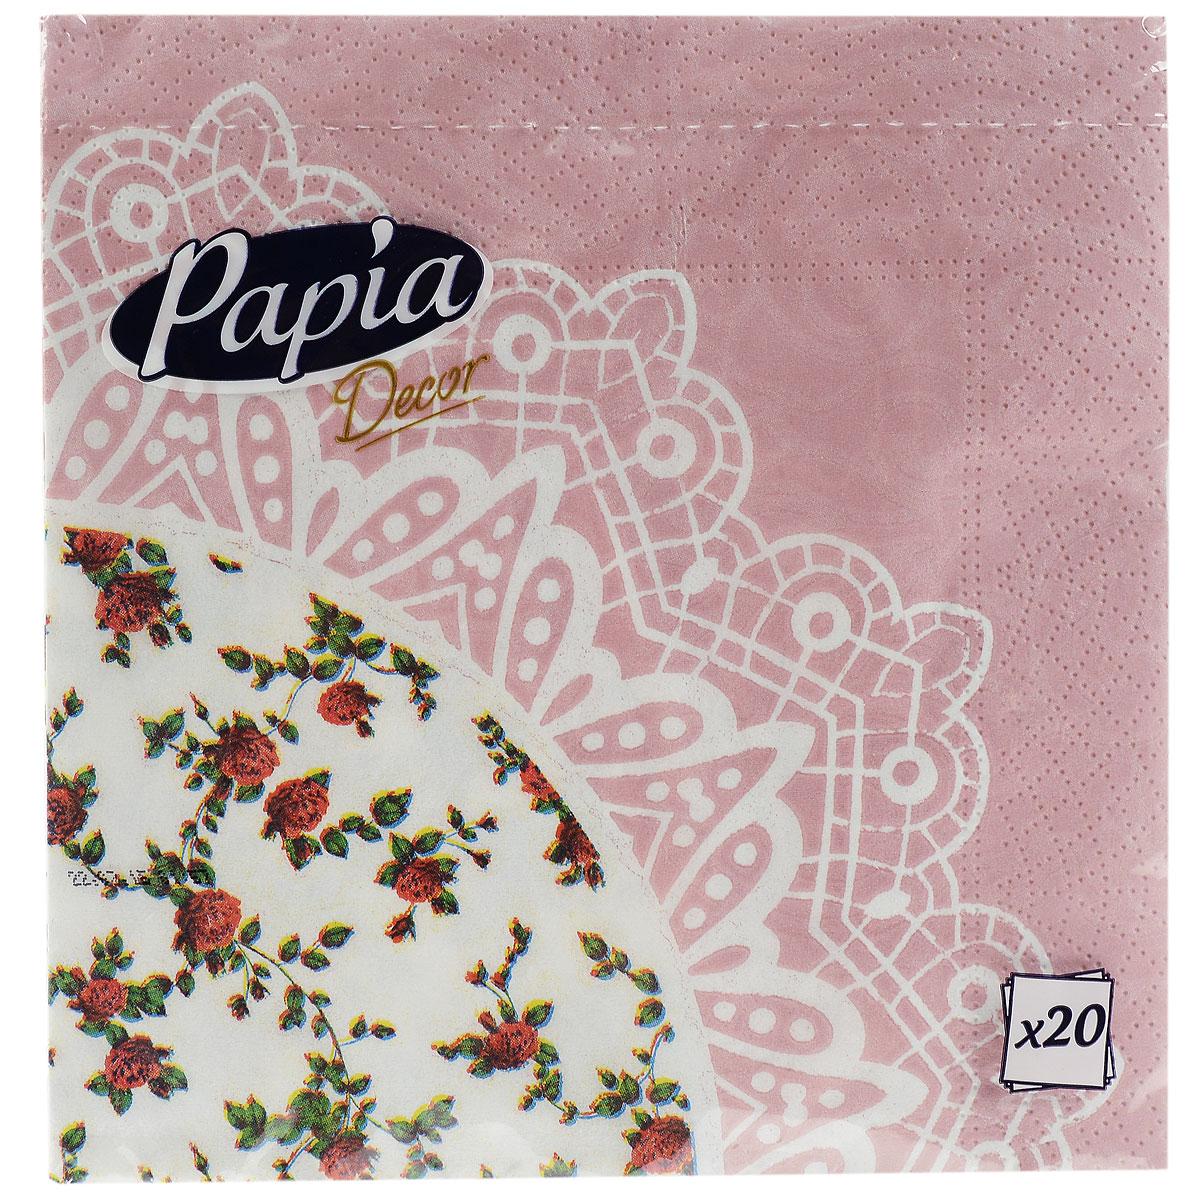 Салфетки бумажные Papia Decor, трехслойные, цвет: белый, розовый, 33 x 33 см, 20 шт15302_цветыТрехслойные салфетки Papia Decor, выполненные из 100% целлюлозы, оформлены красивым цветочным рисунком. Салфетки предназначены для красивой сервировки стола. Оригинальный дизайн салфеток добавит изысканности вашему столу и поднимет настроение. Размер салфеток: 33 см х 33 см.